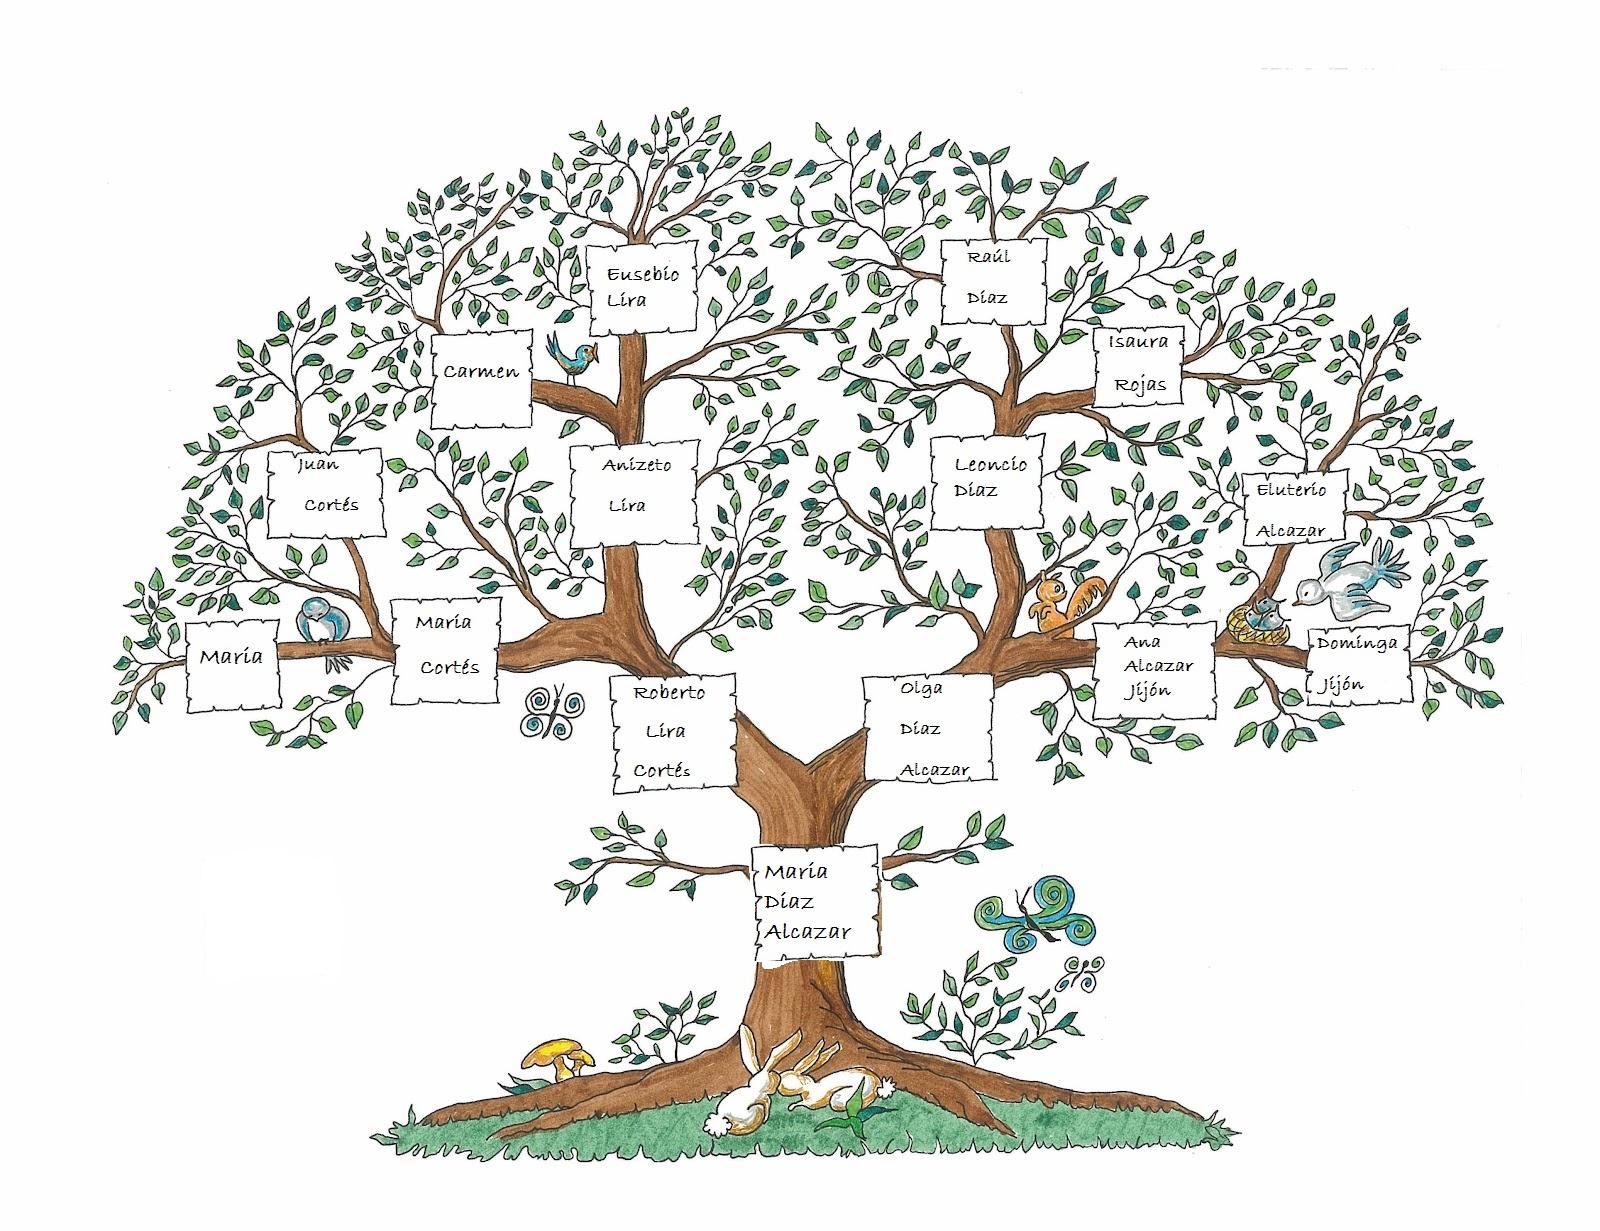 Hablando de cultura: Árbol genealógico de la familia Diaz